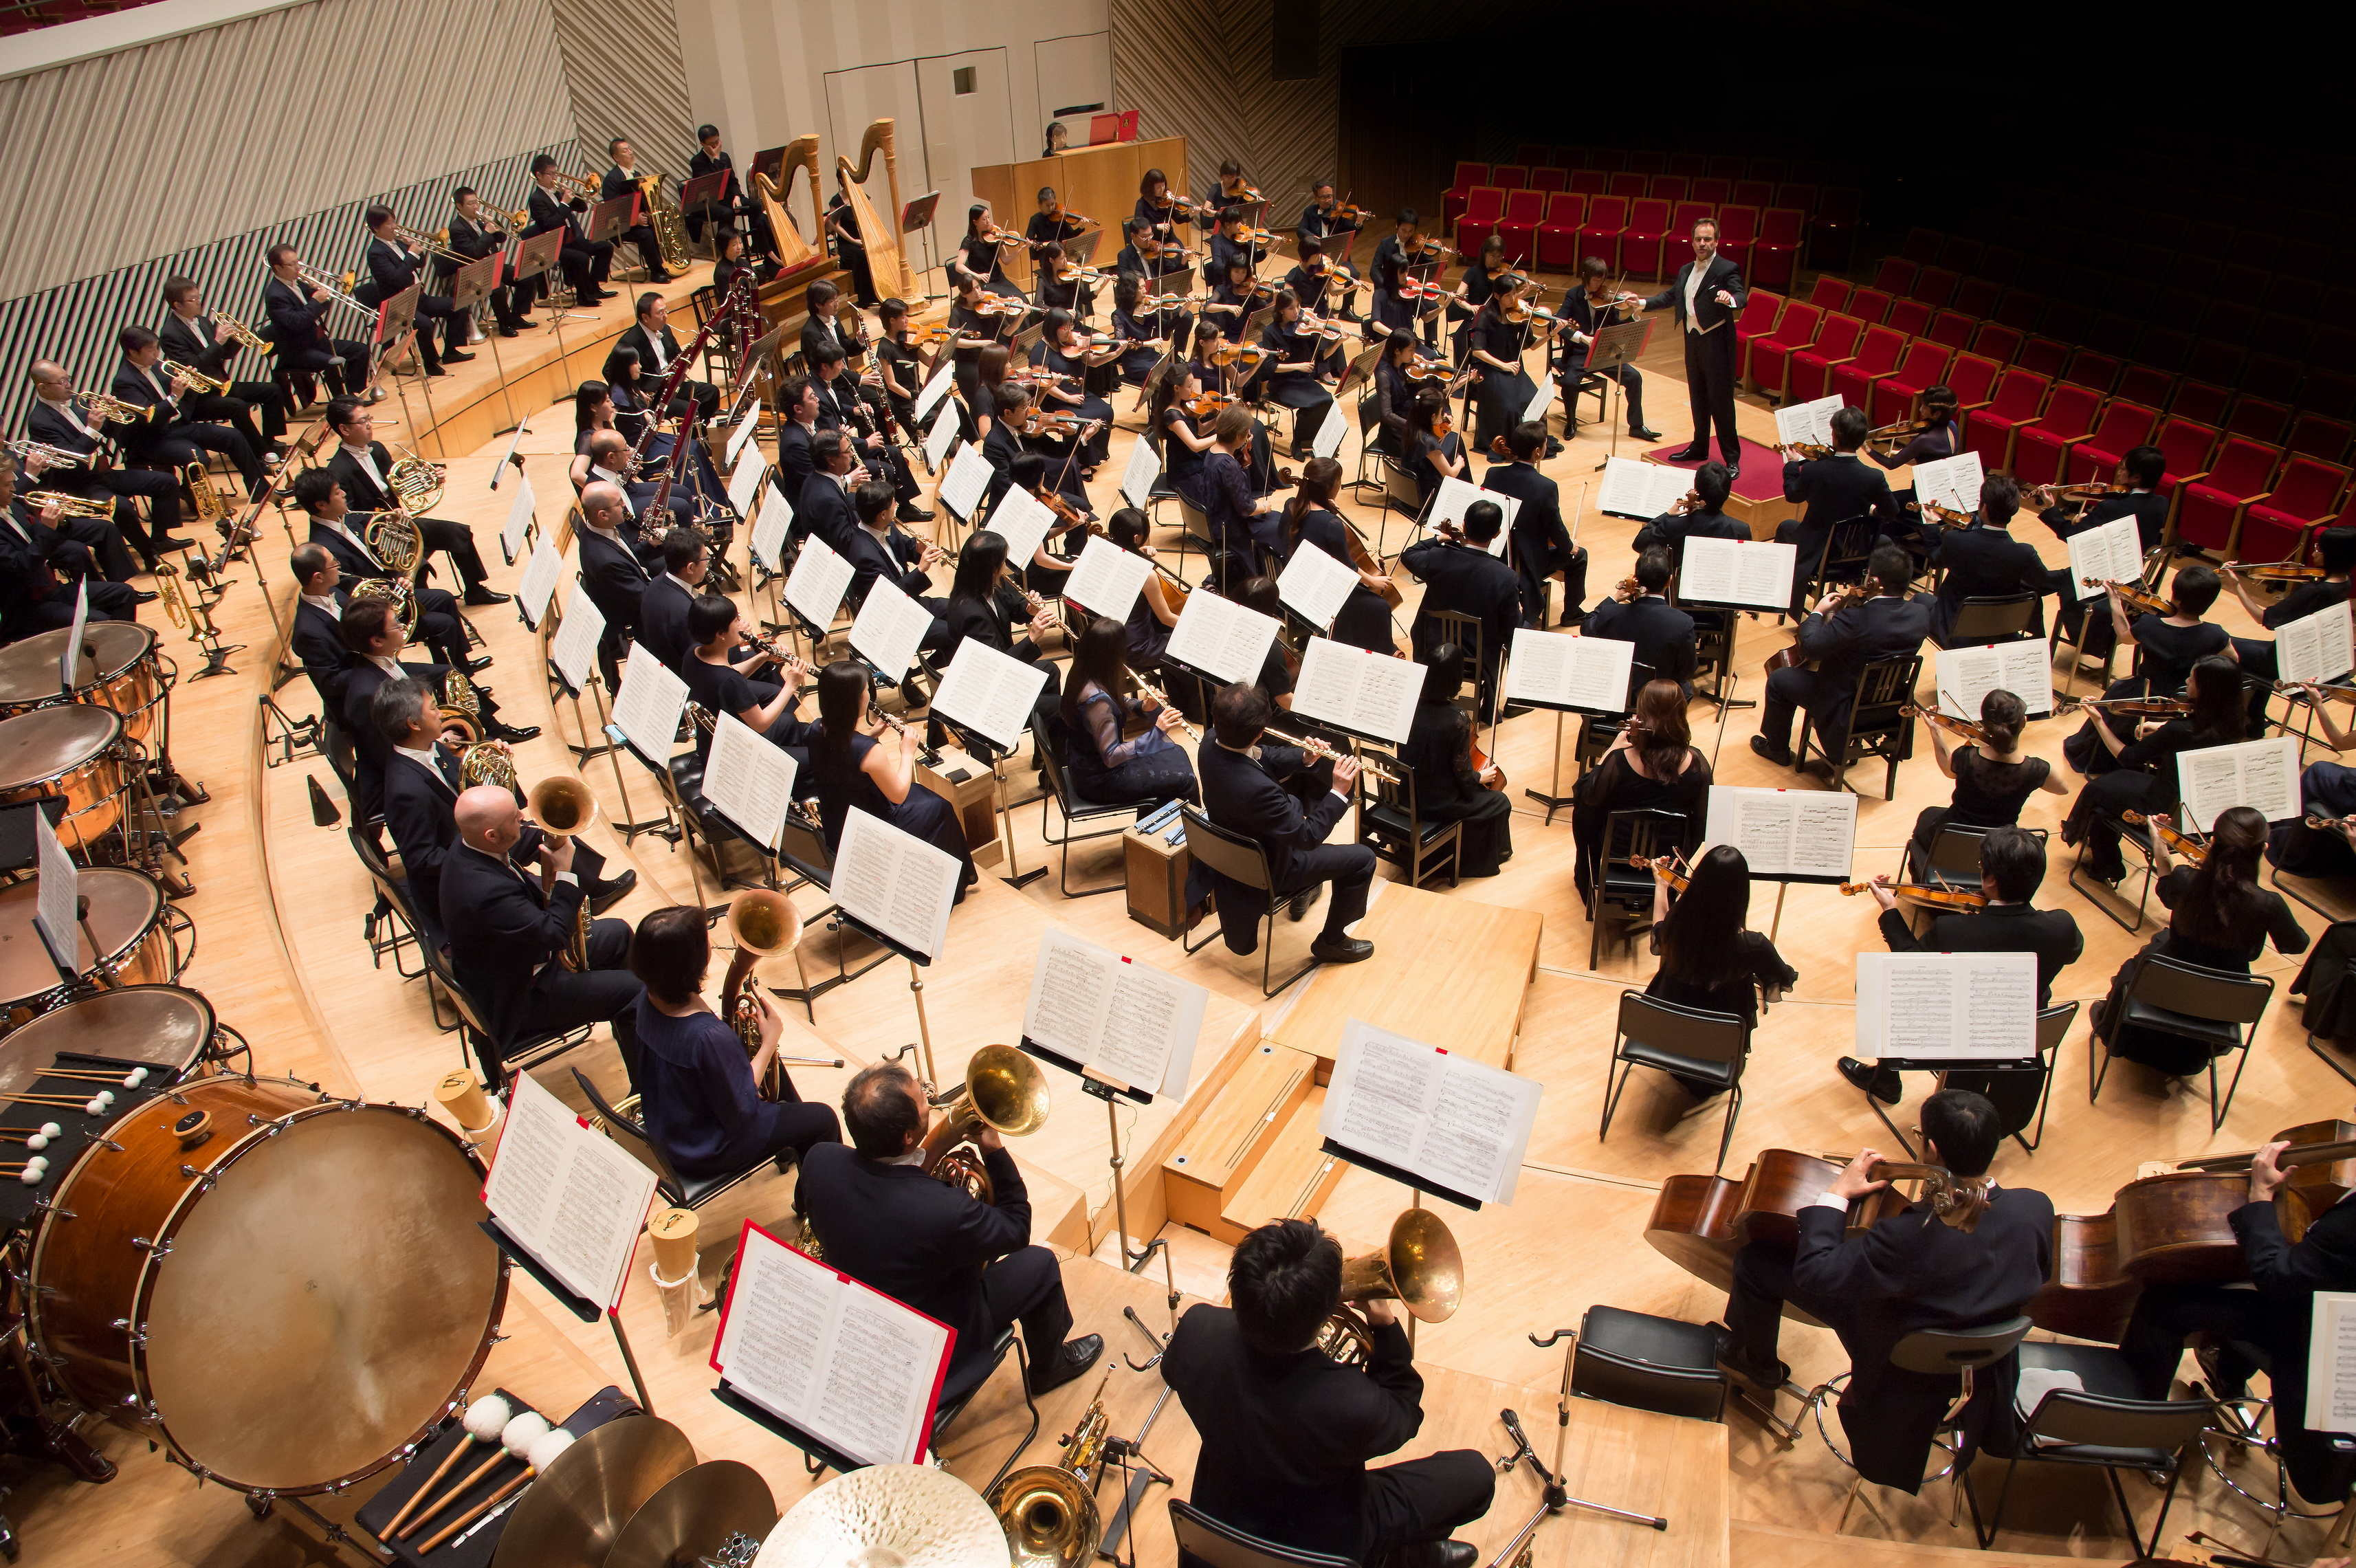 東京交響楽団が4月にシーズンを開幕するオーケストラの先陣を切ってプログラムを発表した (c)N. Ikegami